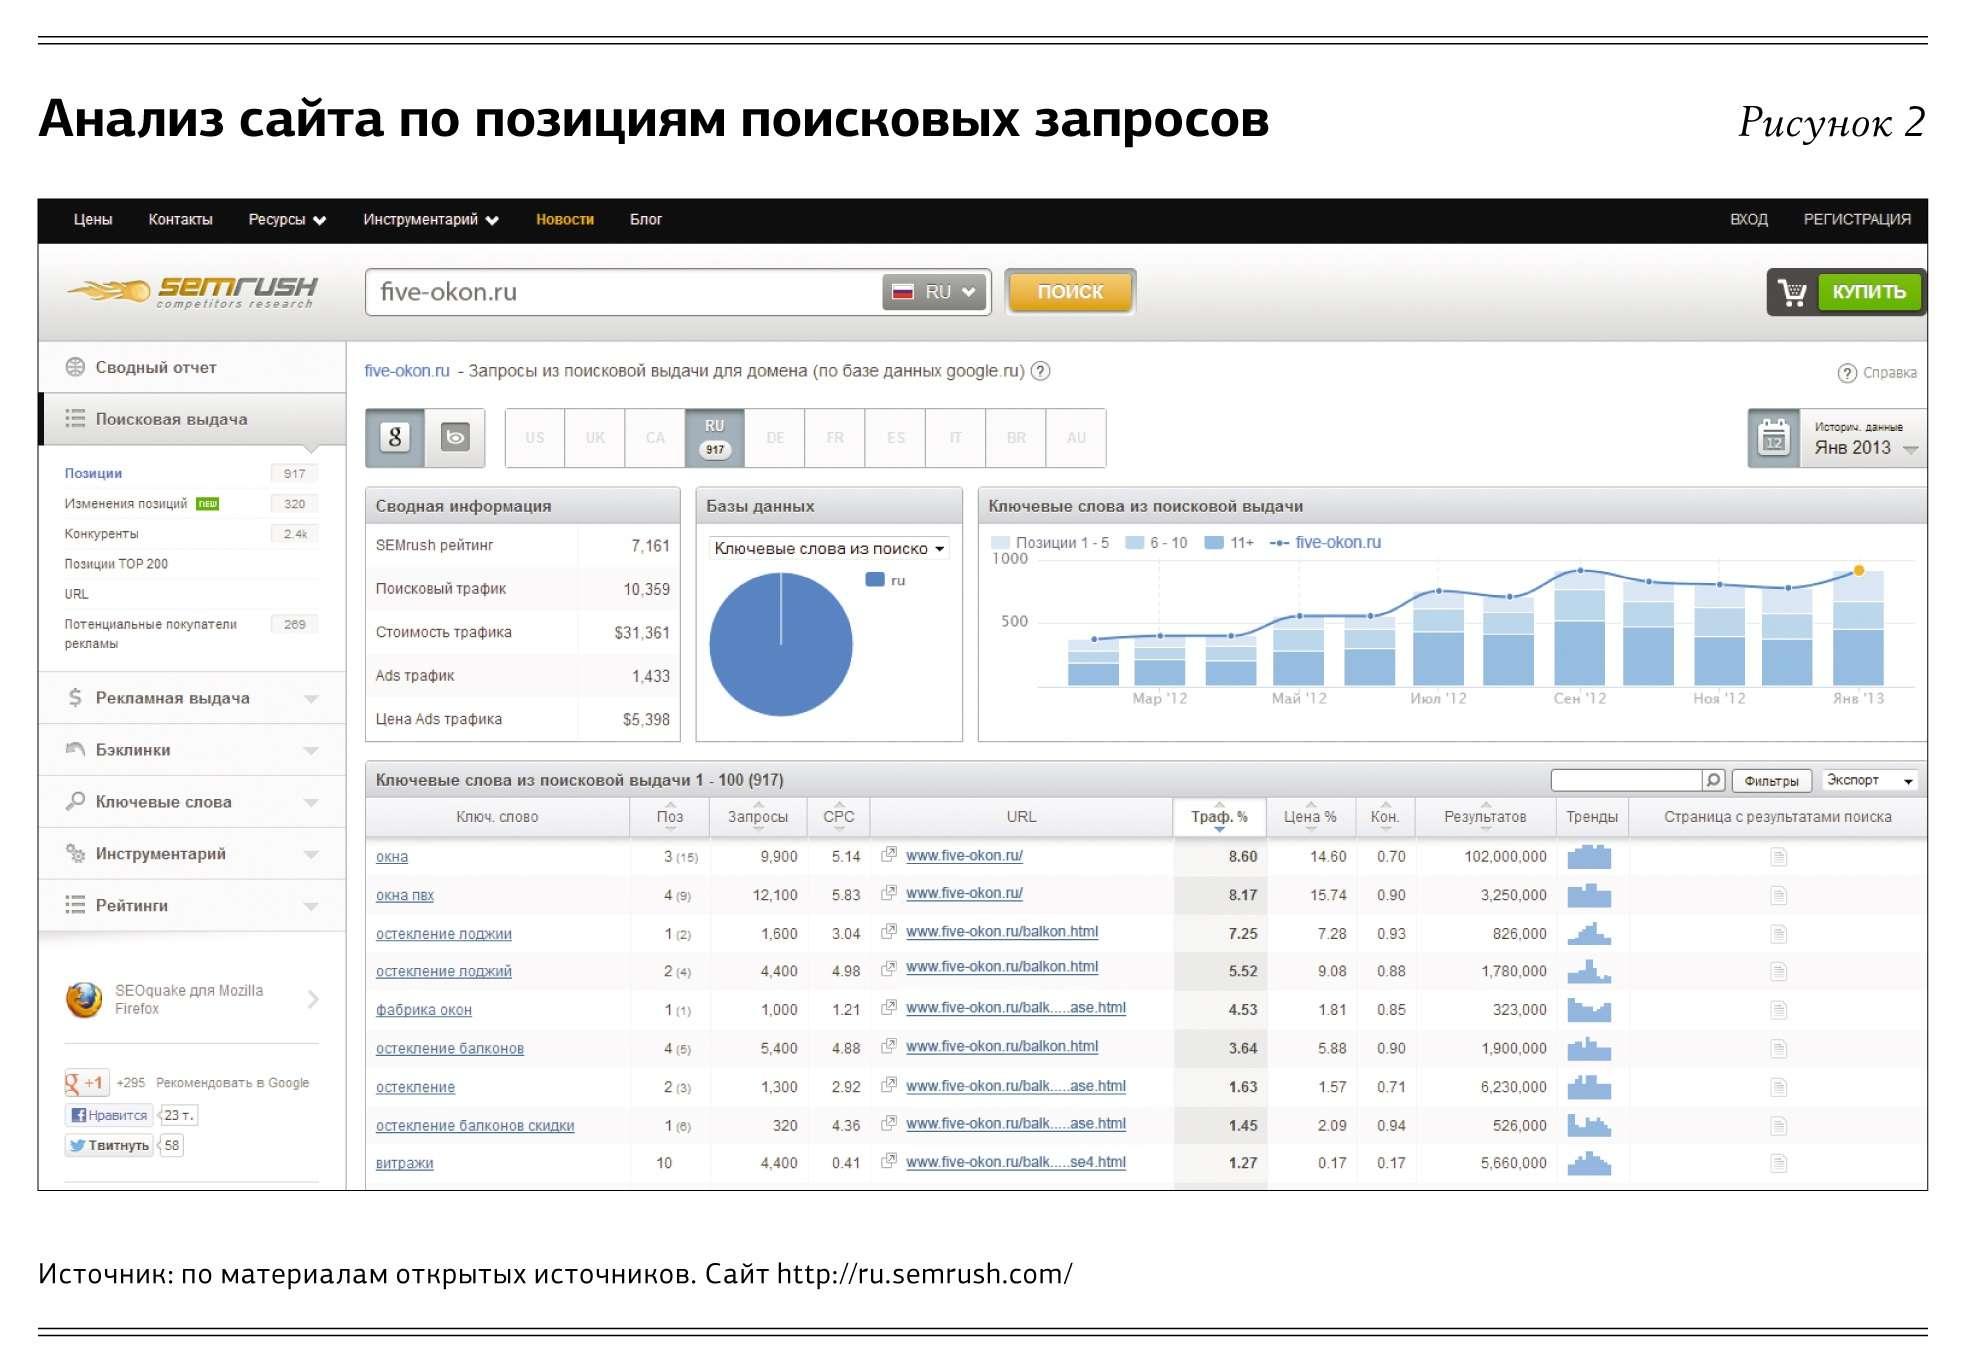 Профессиональные seo оптимизаторы выполнят свою работу нужно понимать раскрутка сайтов продвижение сайта с помощью allsubmitter